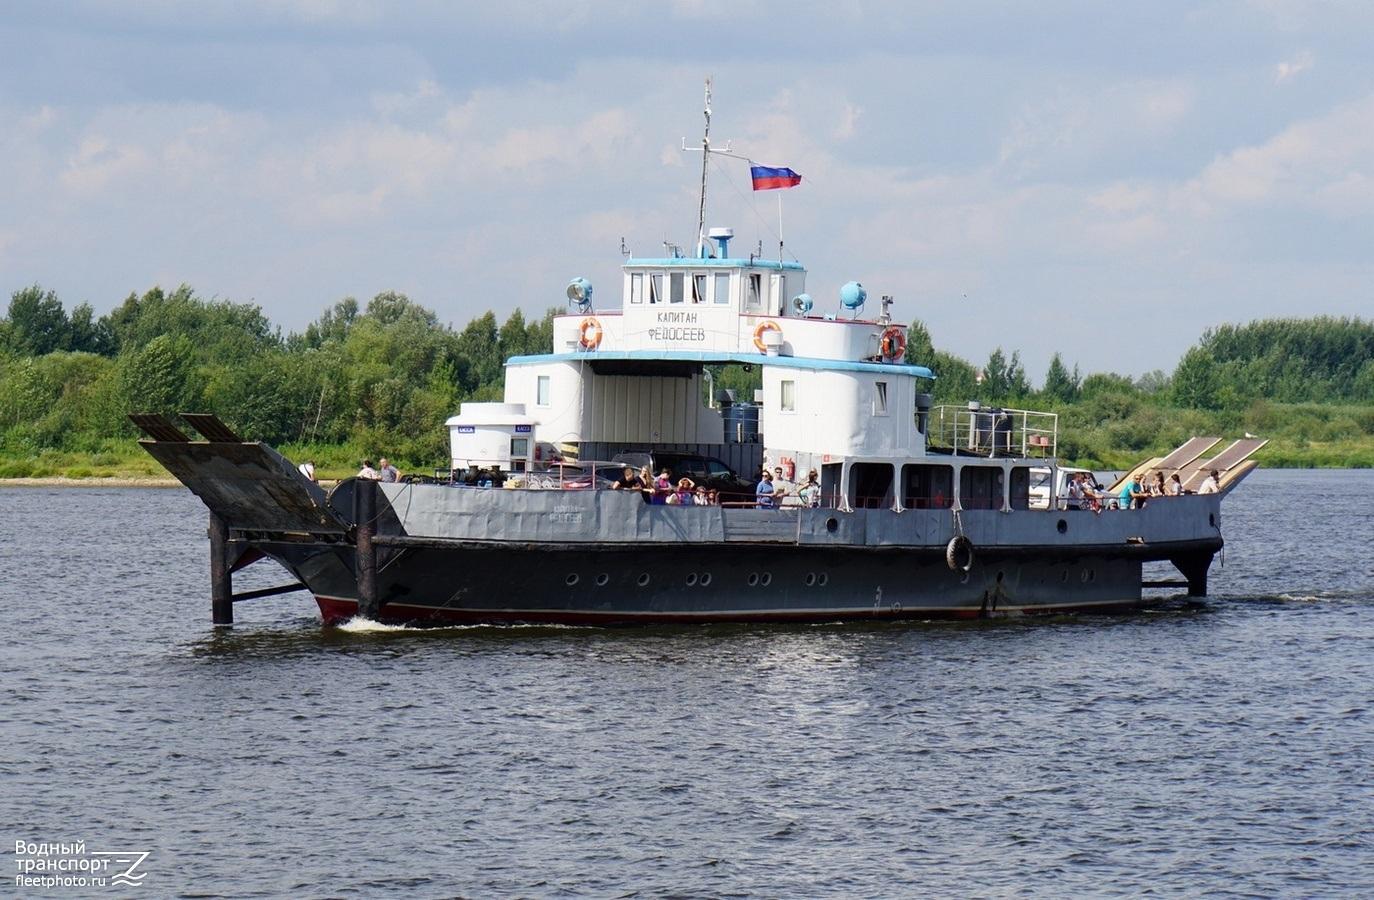 судно василий федосеев описание фото что